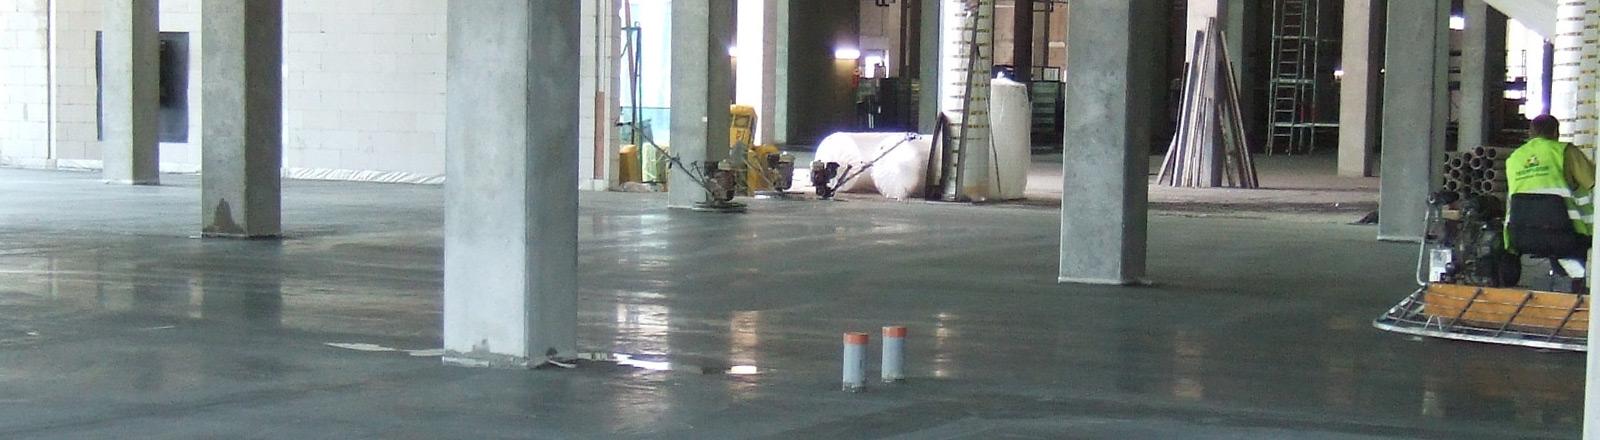 Jednička ve vláknech<br>do betonu